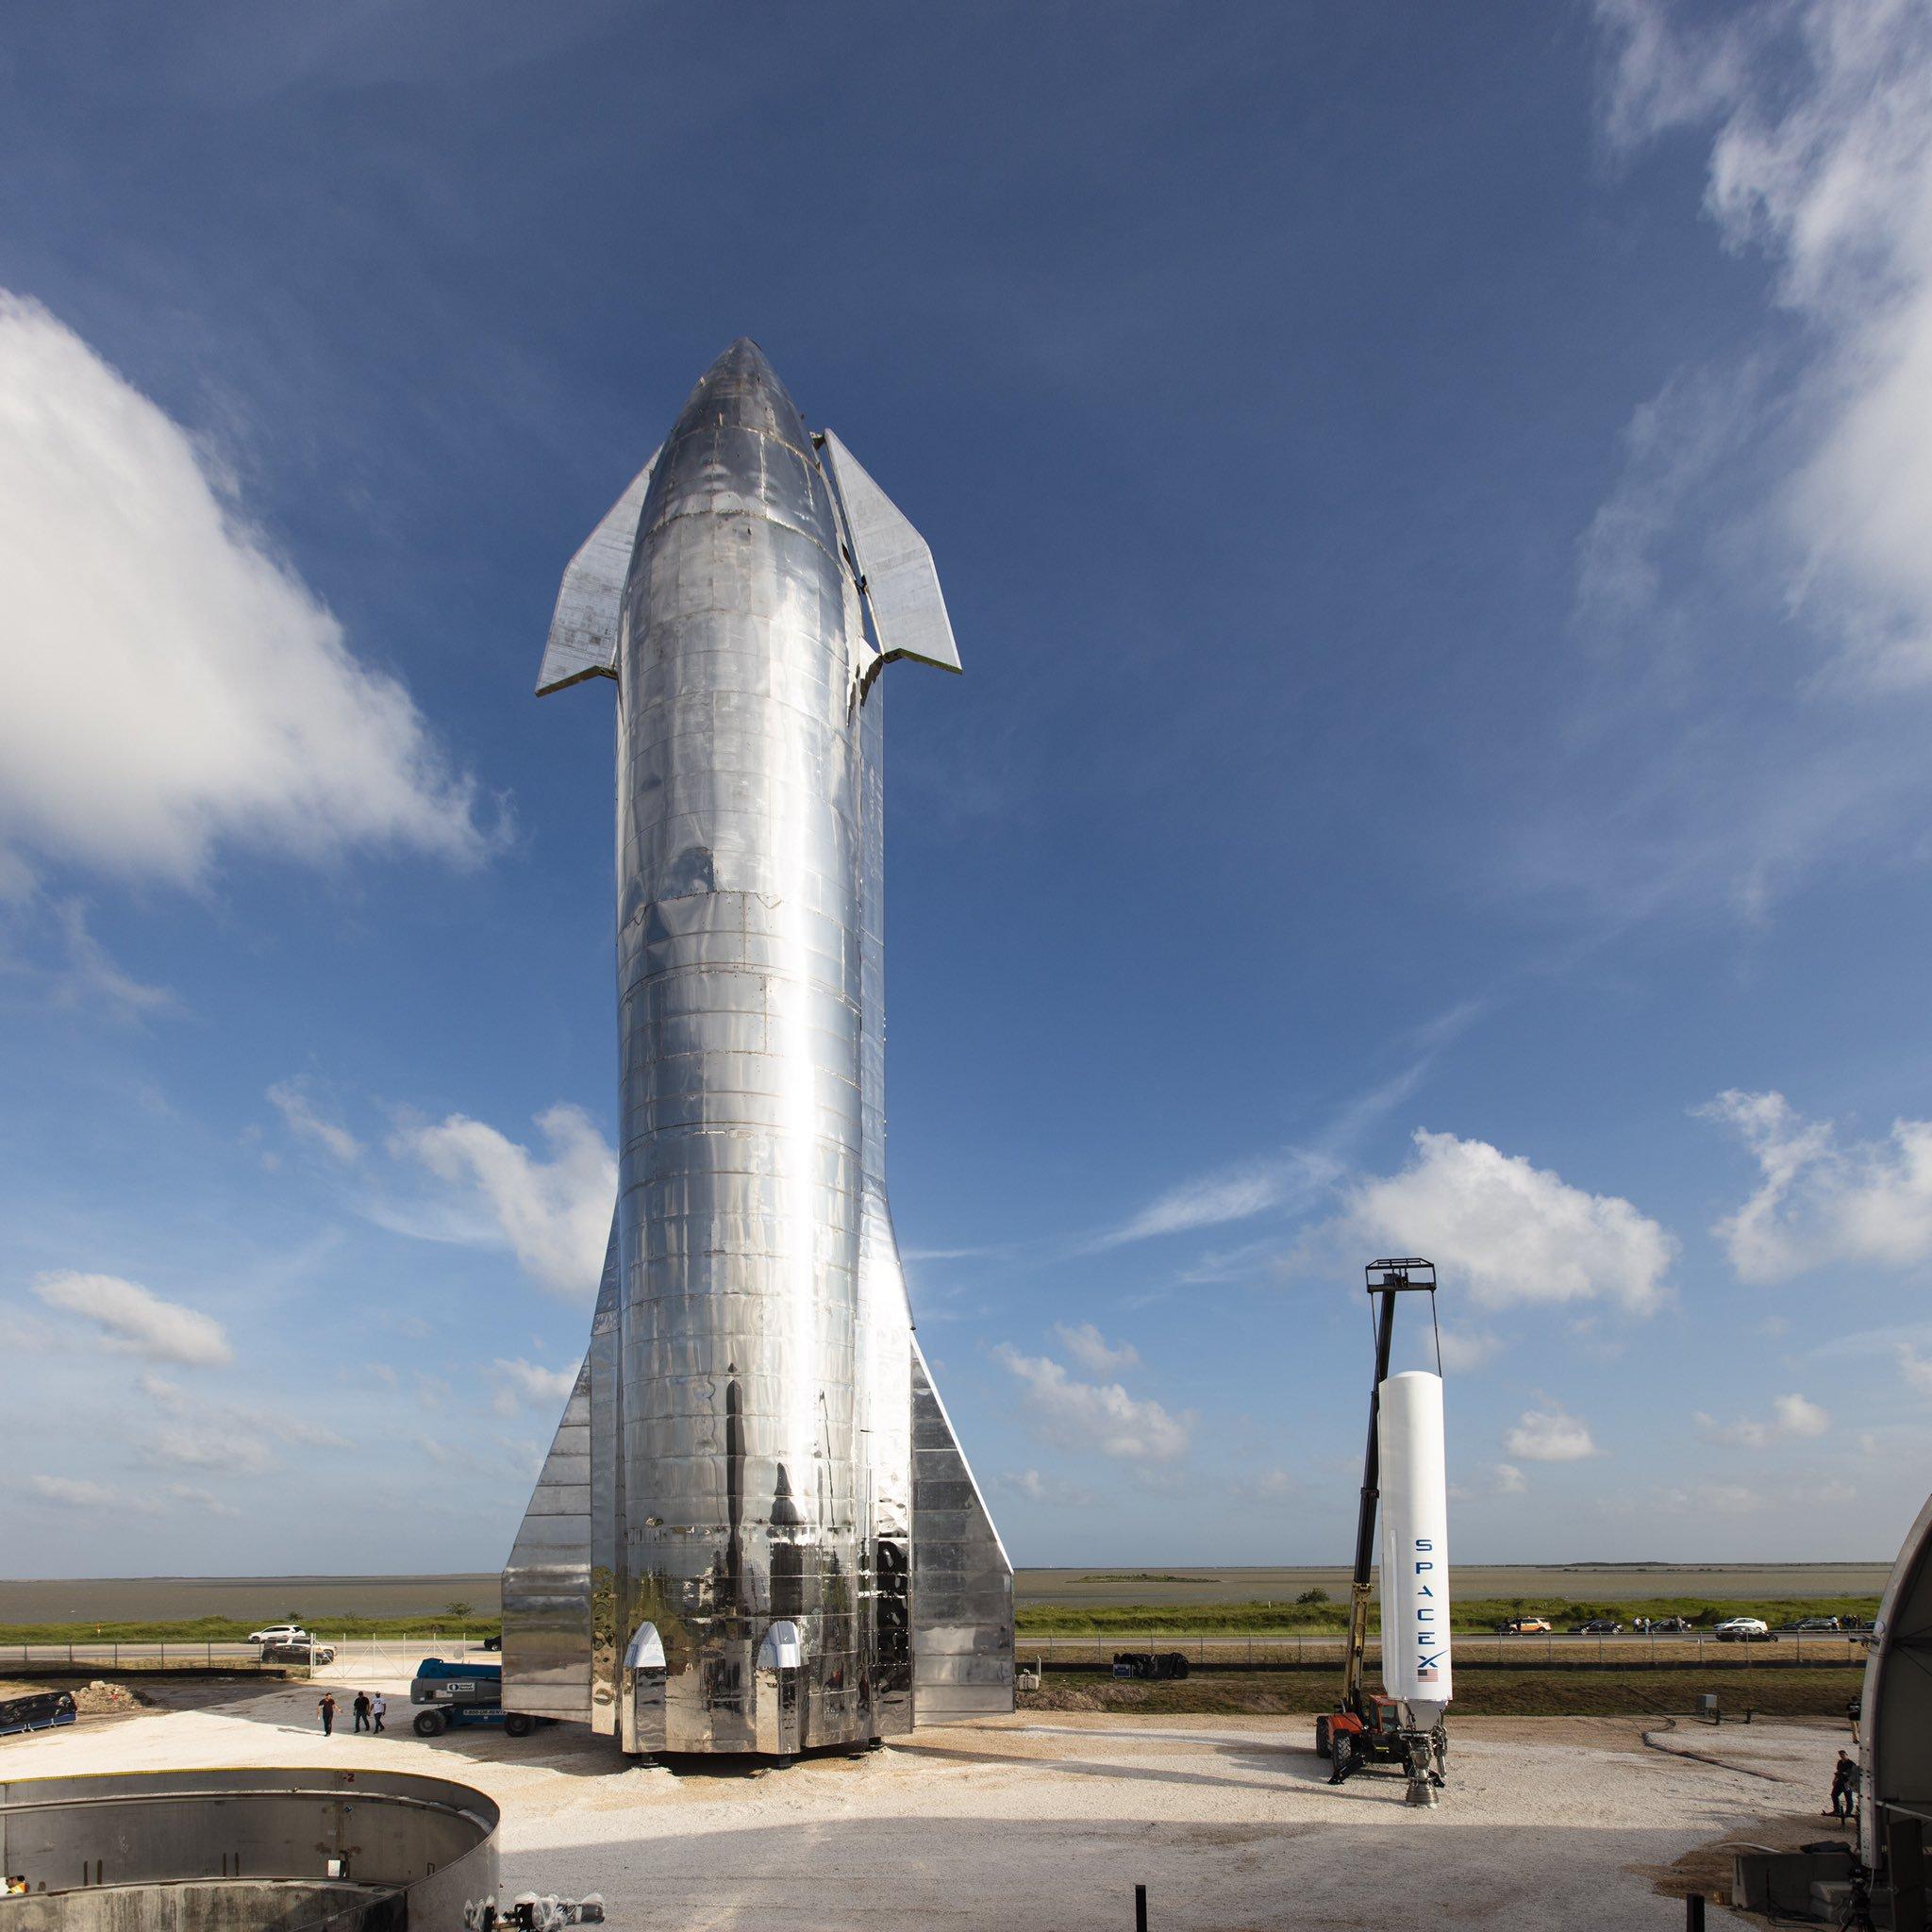 高118米,直径达9米,人类最强大的星际飞船来了,还有月球基地和火星城市